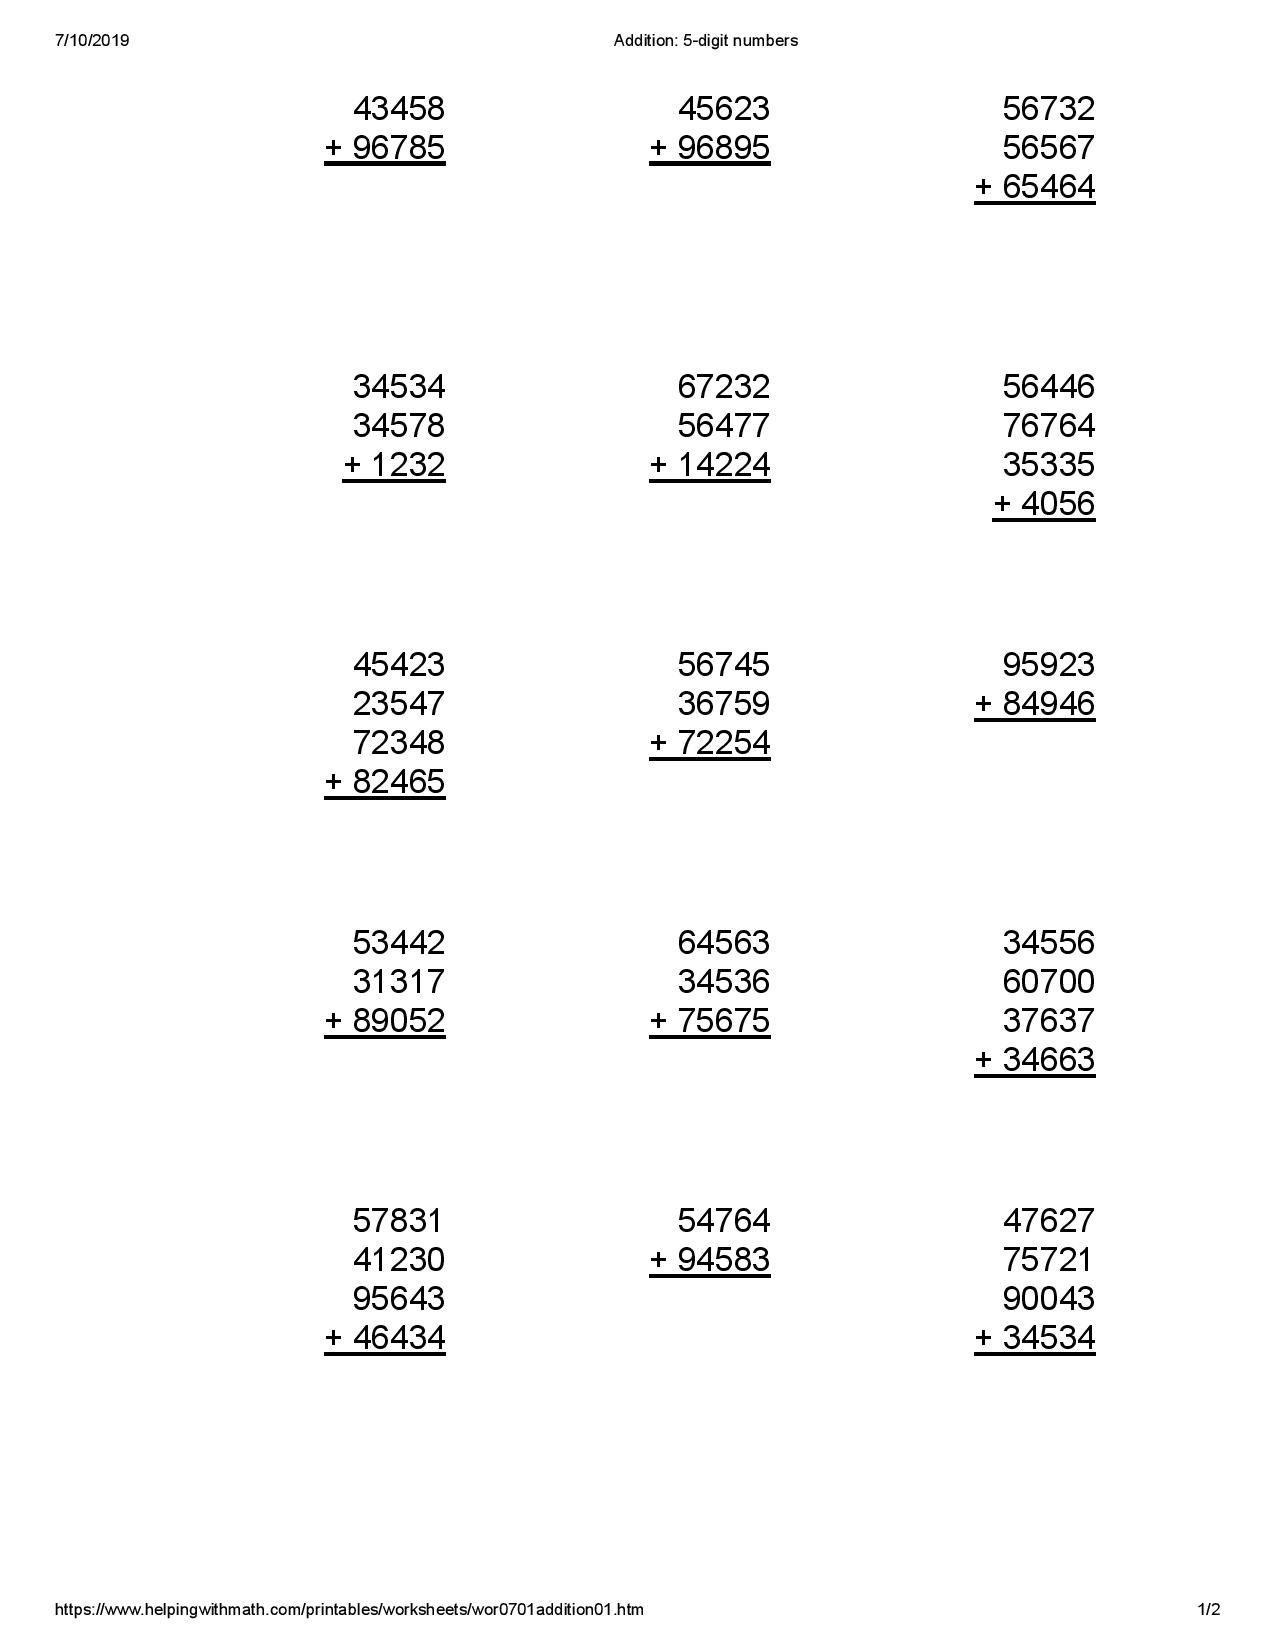 Best 4th Grade Math Worksheet You Calendars Https Www Youcalendars Com 4th Grade Math Works 4th Grade Math Worksheets Addition Worksheets Math Worksheet